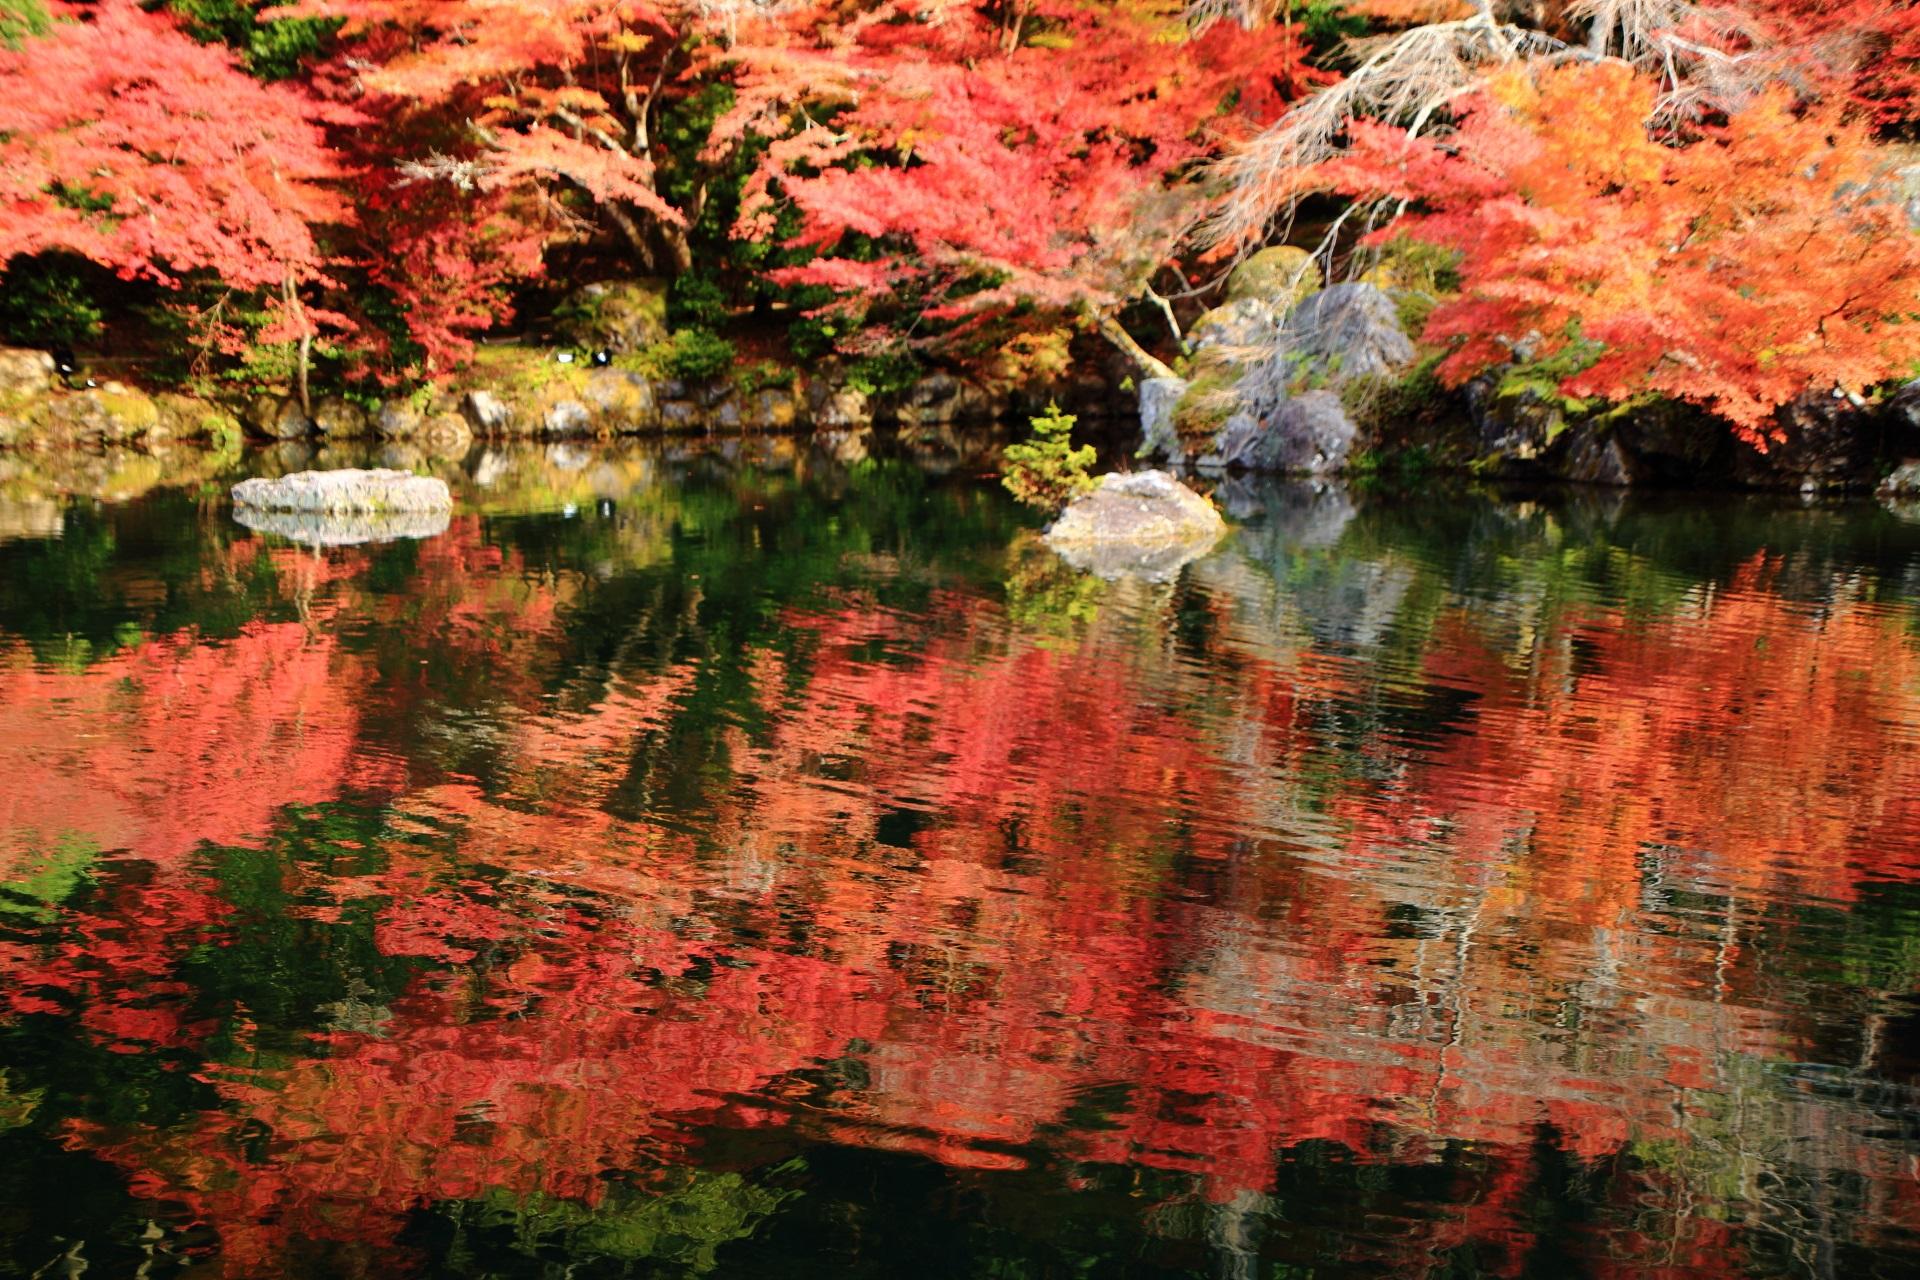 水面で揺らめく醍醐寺の多彩な秋色